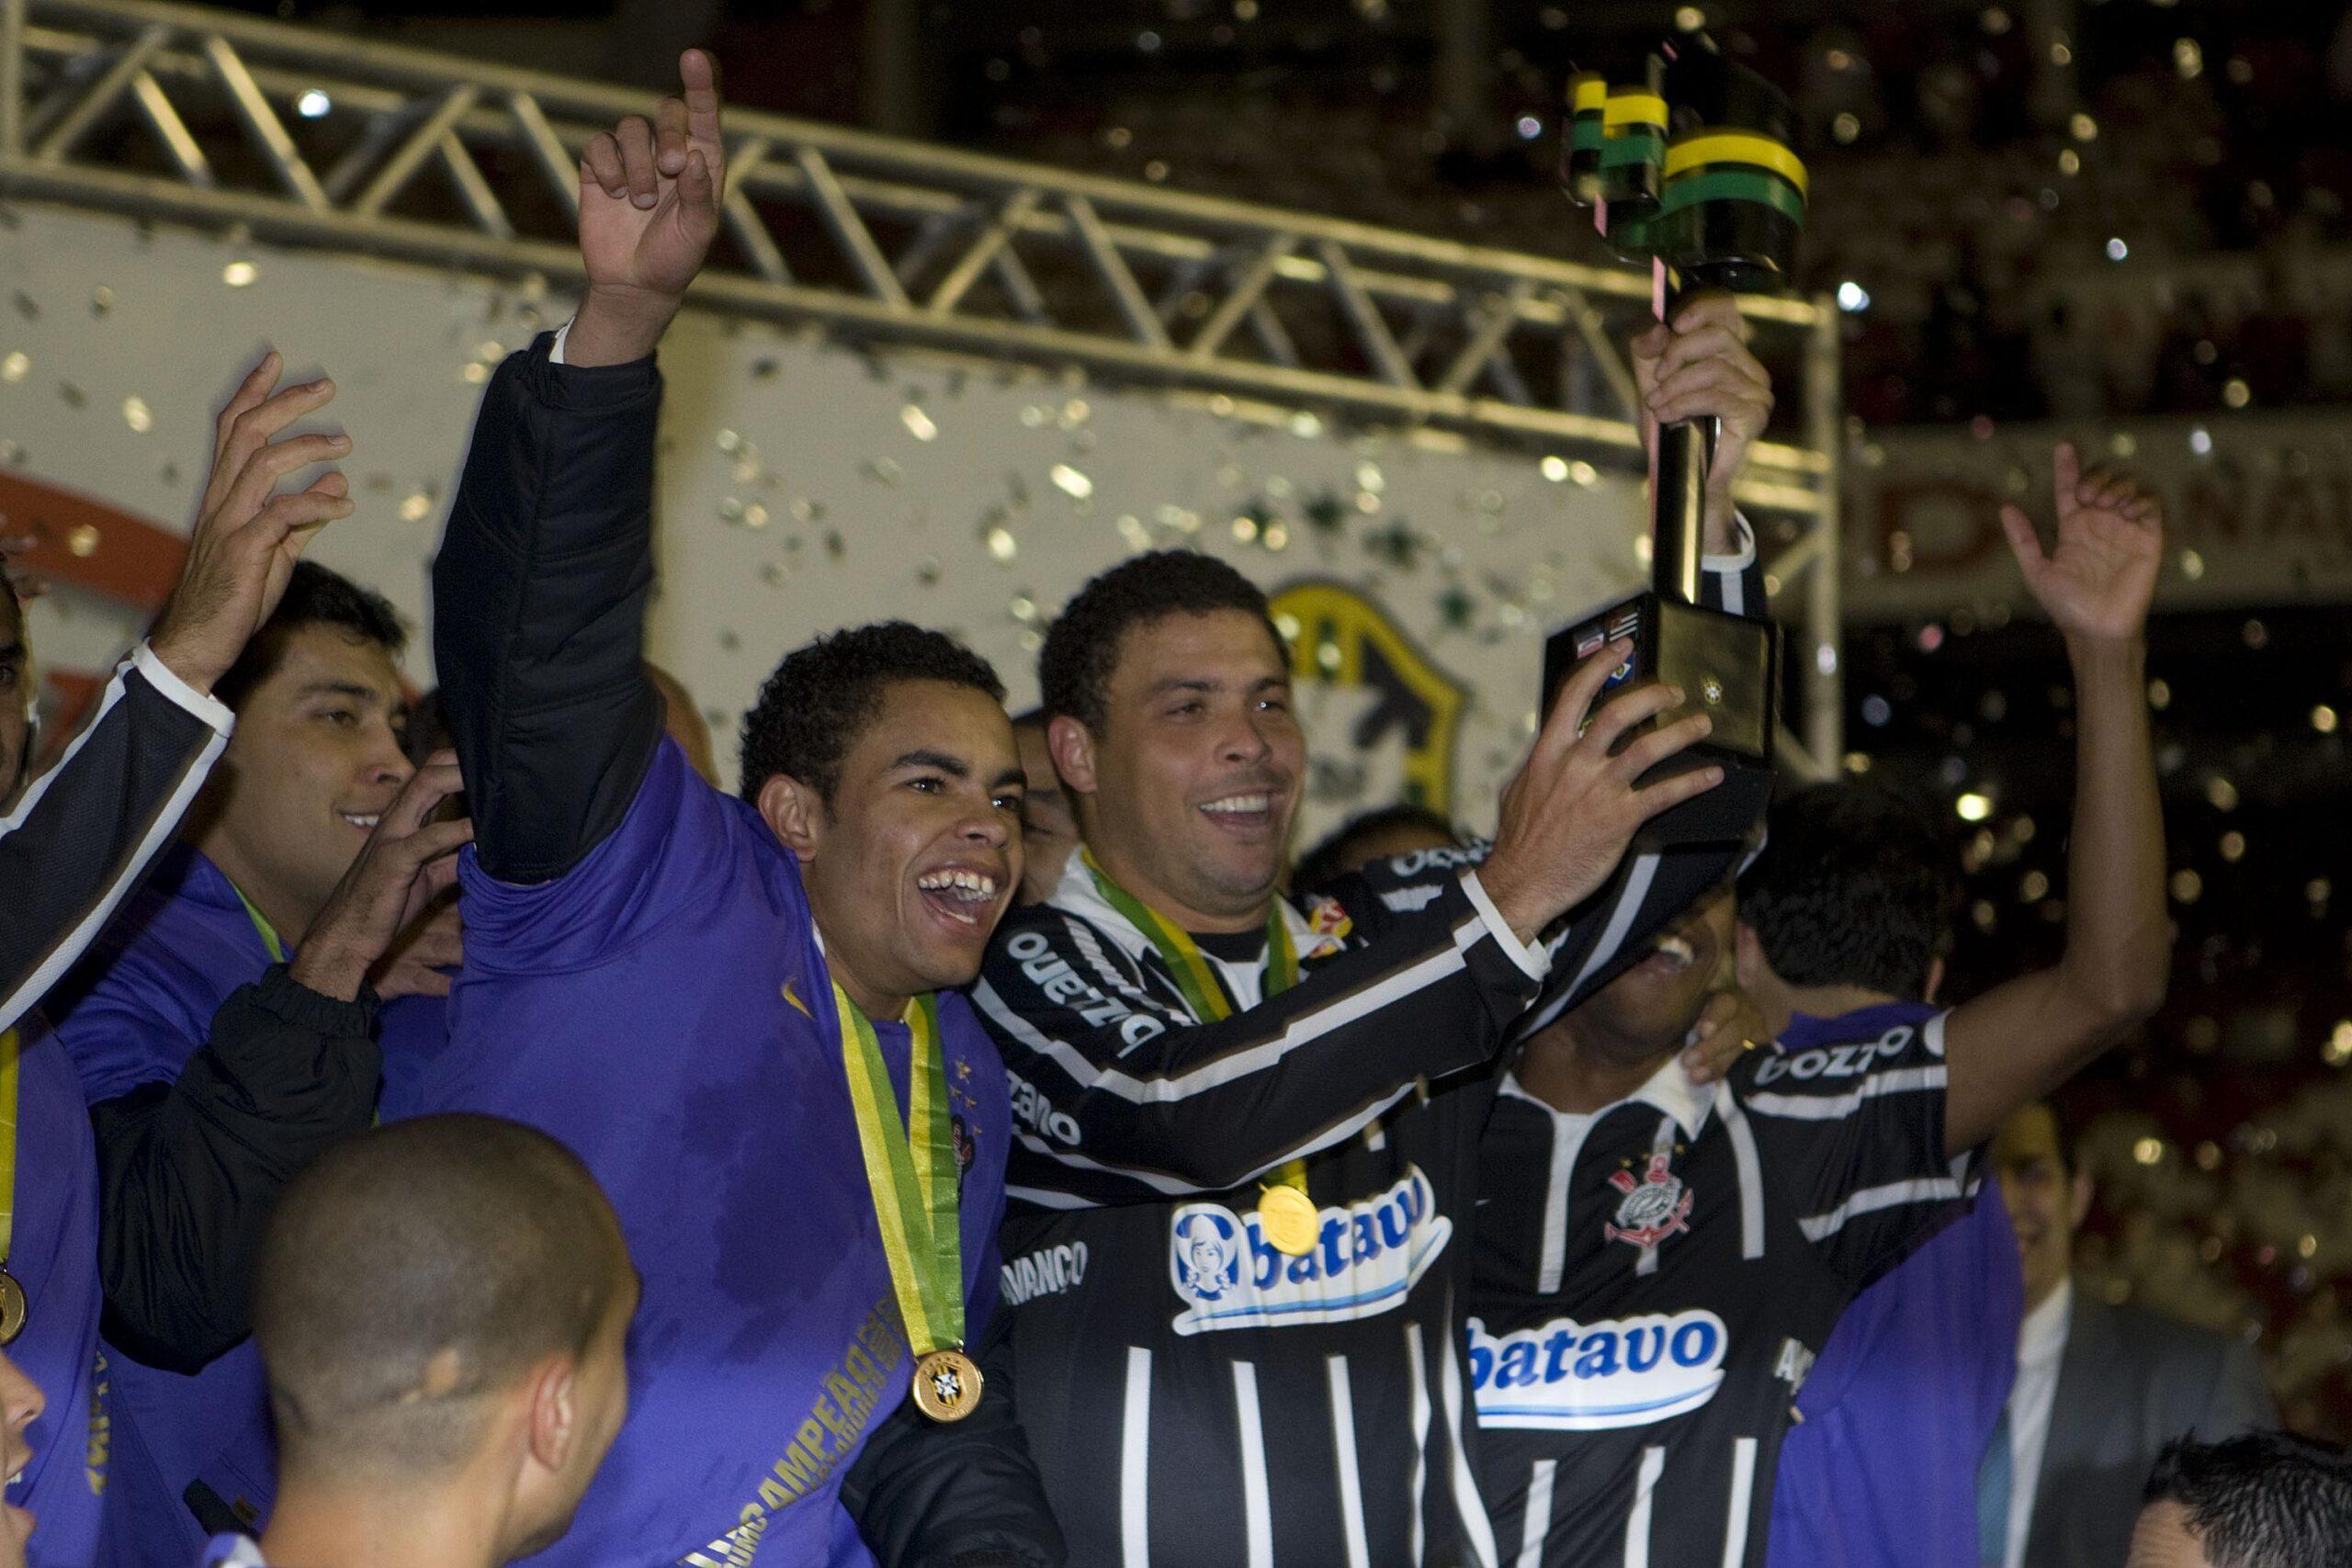 Com o jovem Dentinho, mas também com o consagrado Ronaldo, Corinthians conquistou seu último título da Copa do Brasil